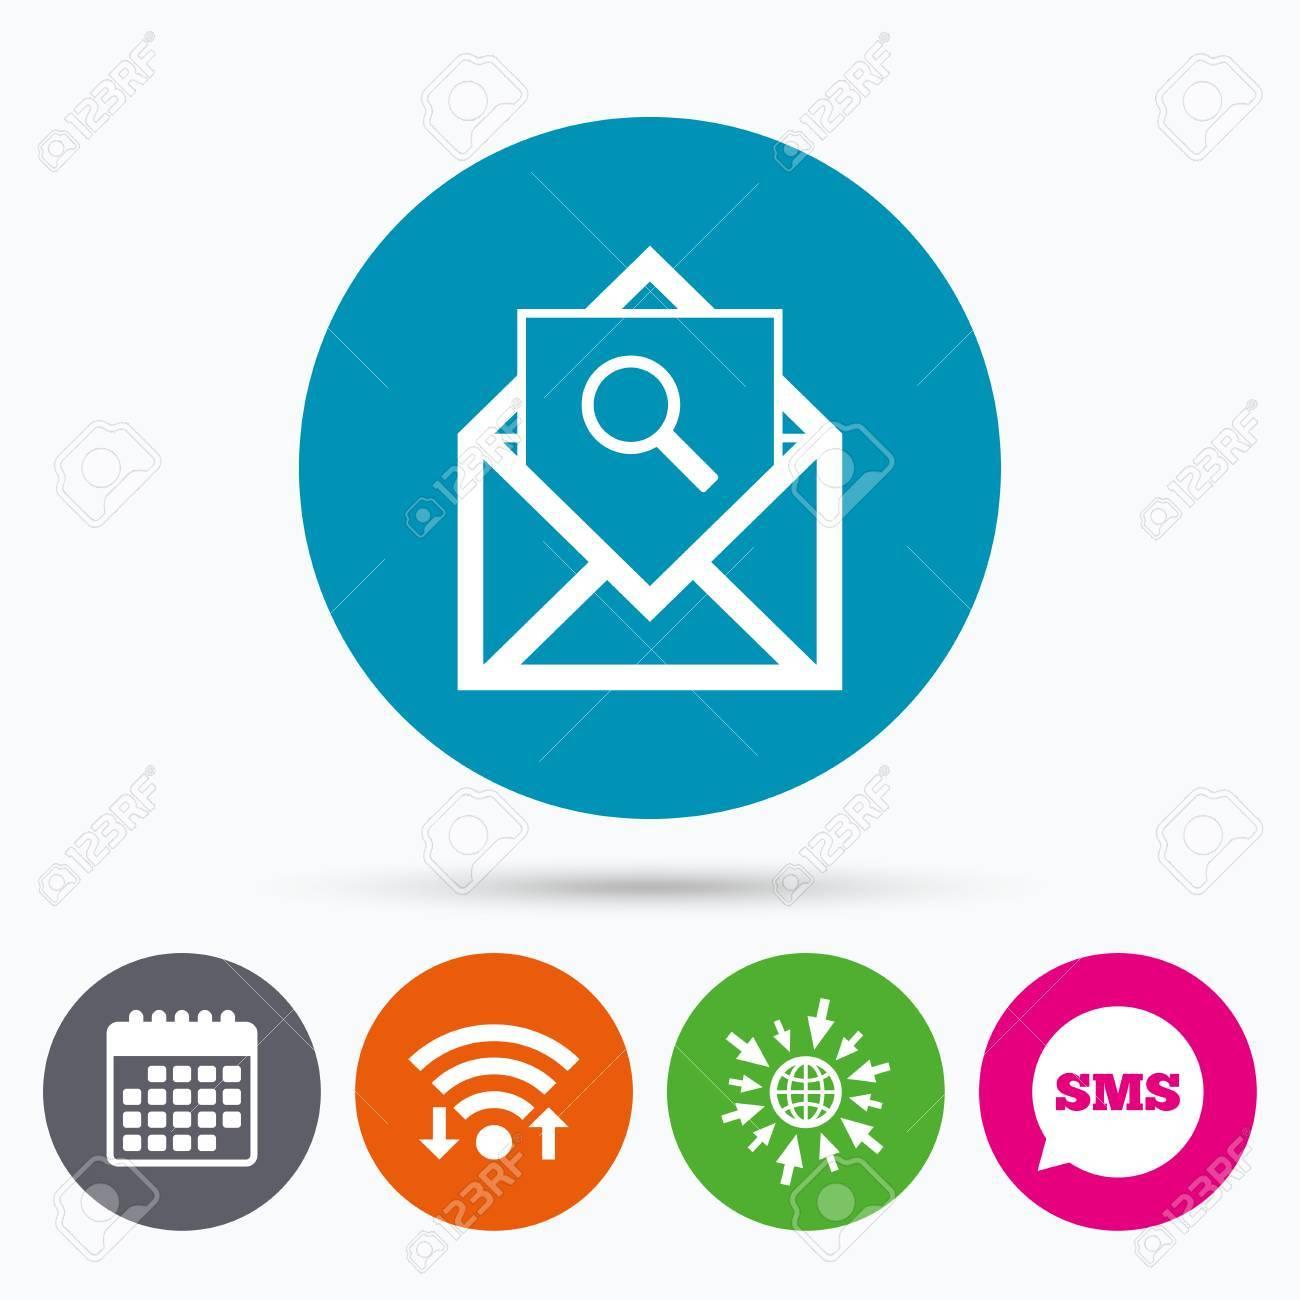 Courrier Et Calendrier.Wifi Sms Et Calendrier Icones Courrier Icone De Recherche Symbole D Enveloppe Signe Du Message Courrier Bouton De Navigation Aller A La Page Web